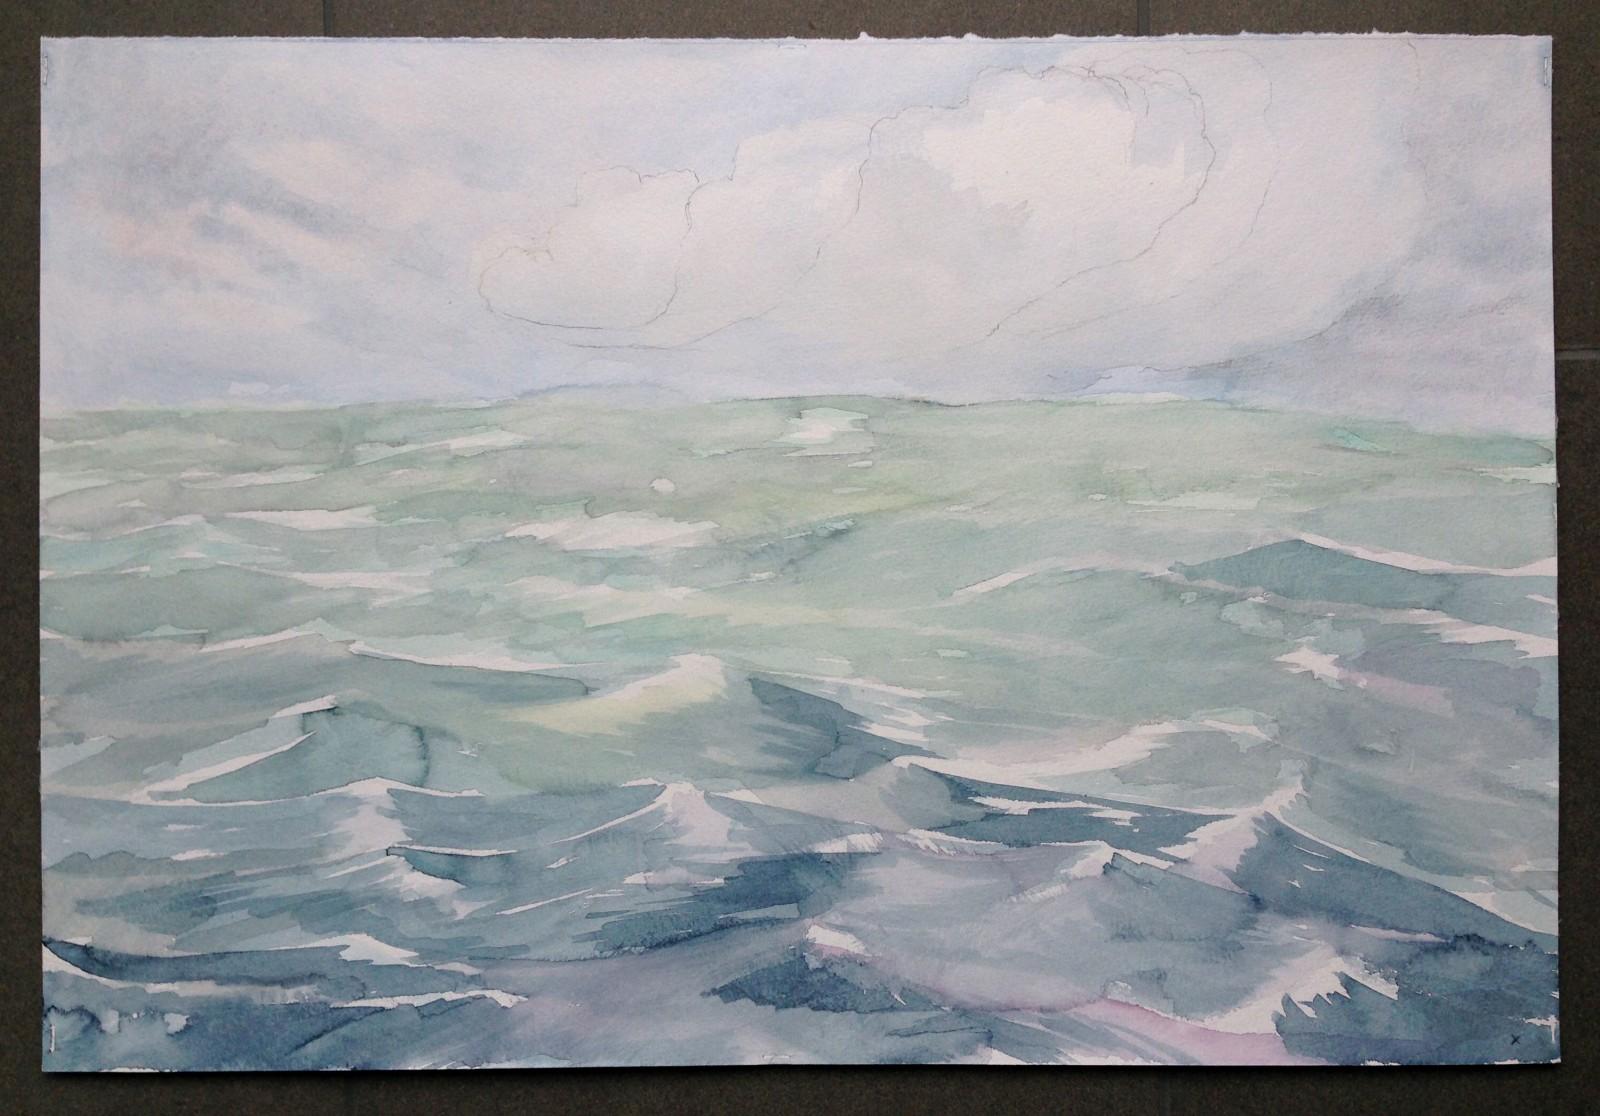 Kim Nekarda: fs heincke, tag ix , 2017, watercolour on paper, 39 x 56 cm, private collection berlin